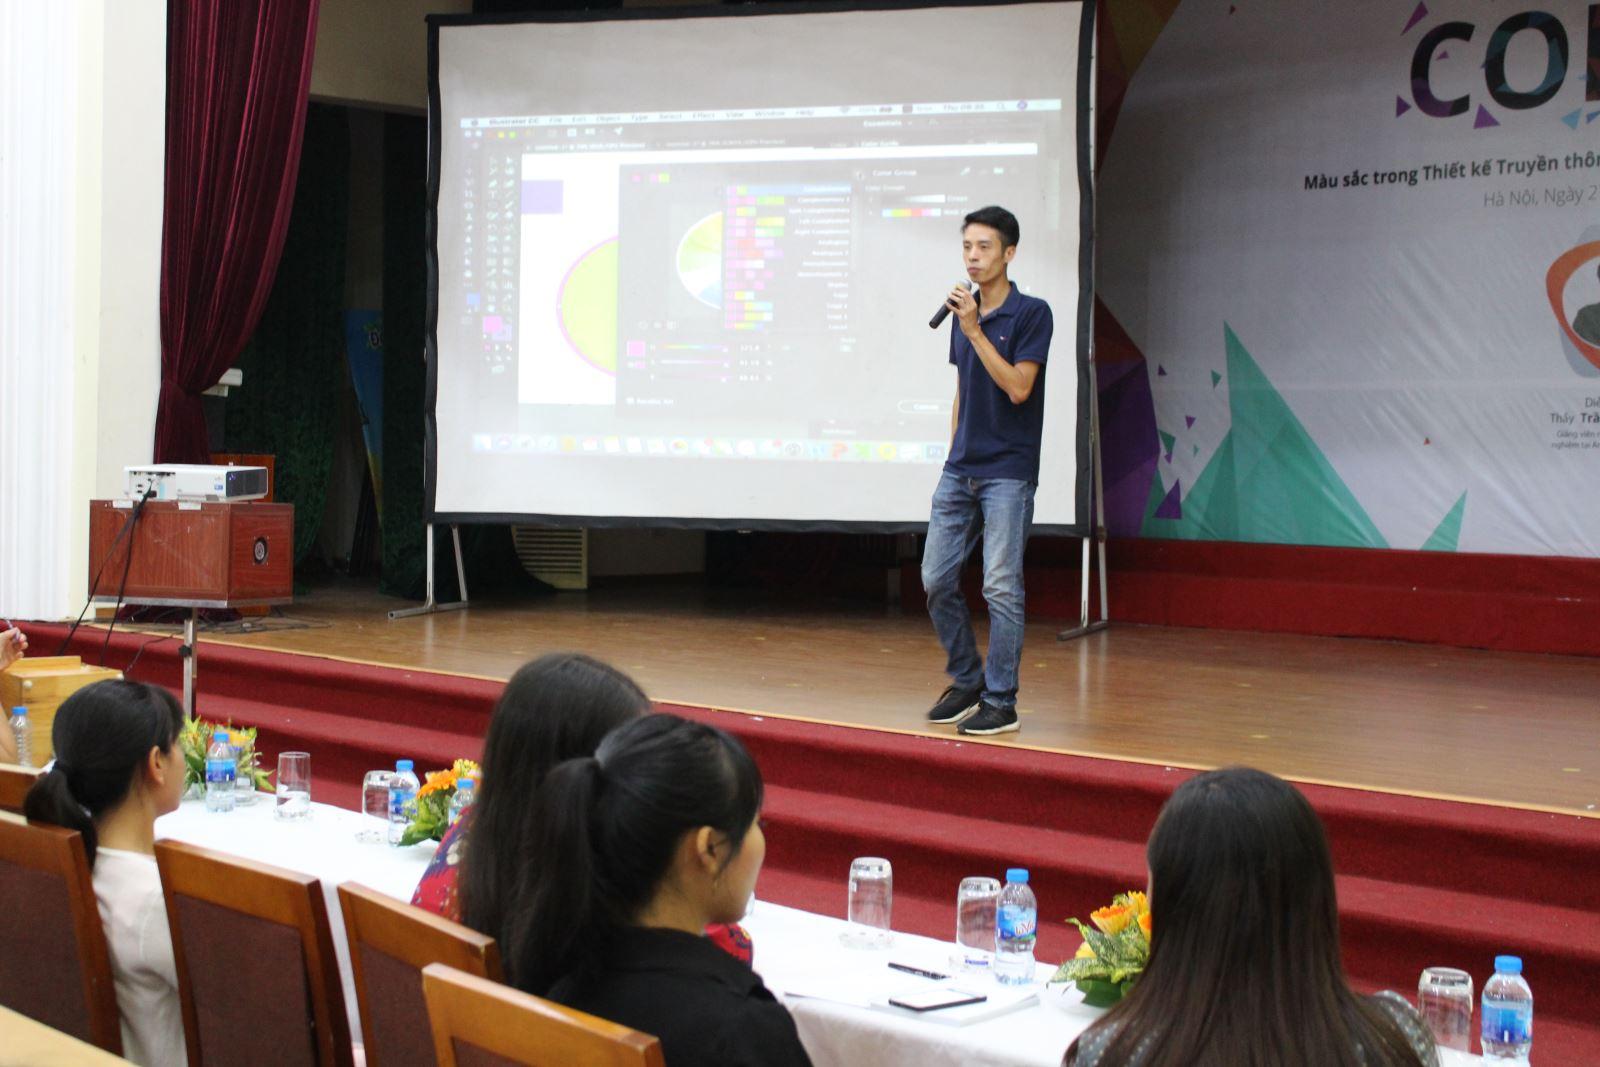 Hội thảo: COLOR Màu sắc trong Thiết kế Truyền thông Đa phương tiện và Marketing du lịch